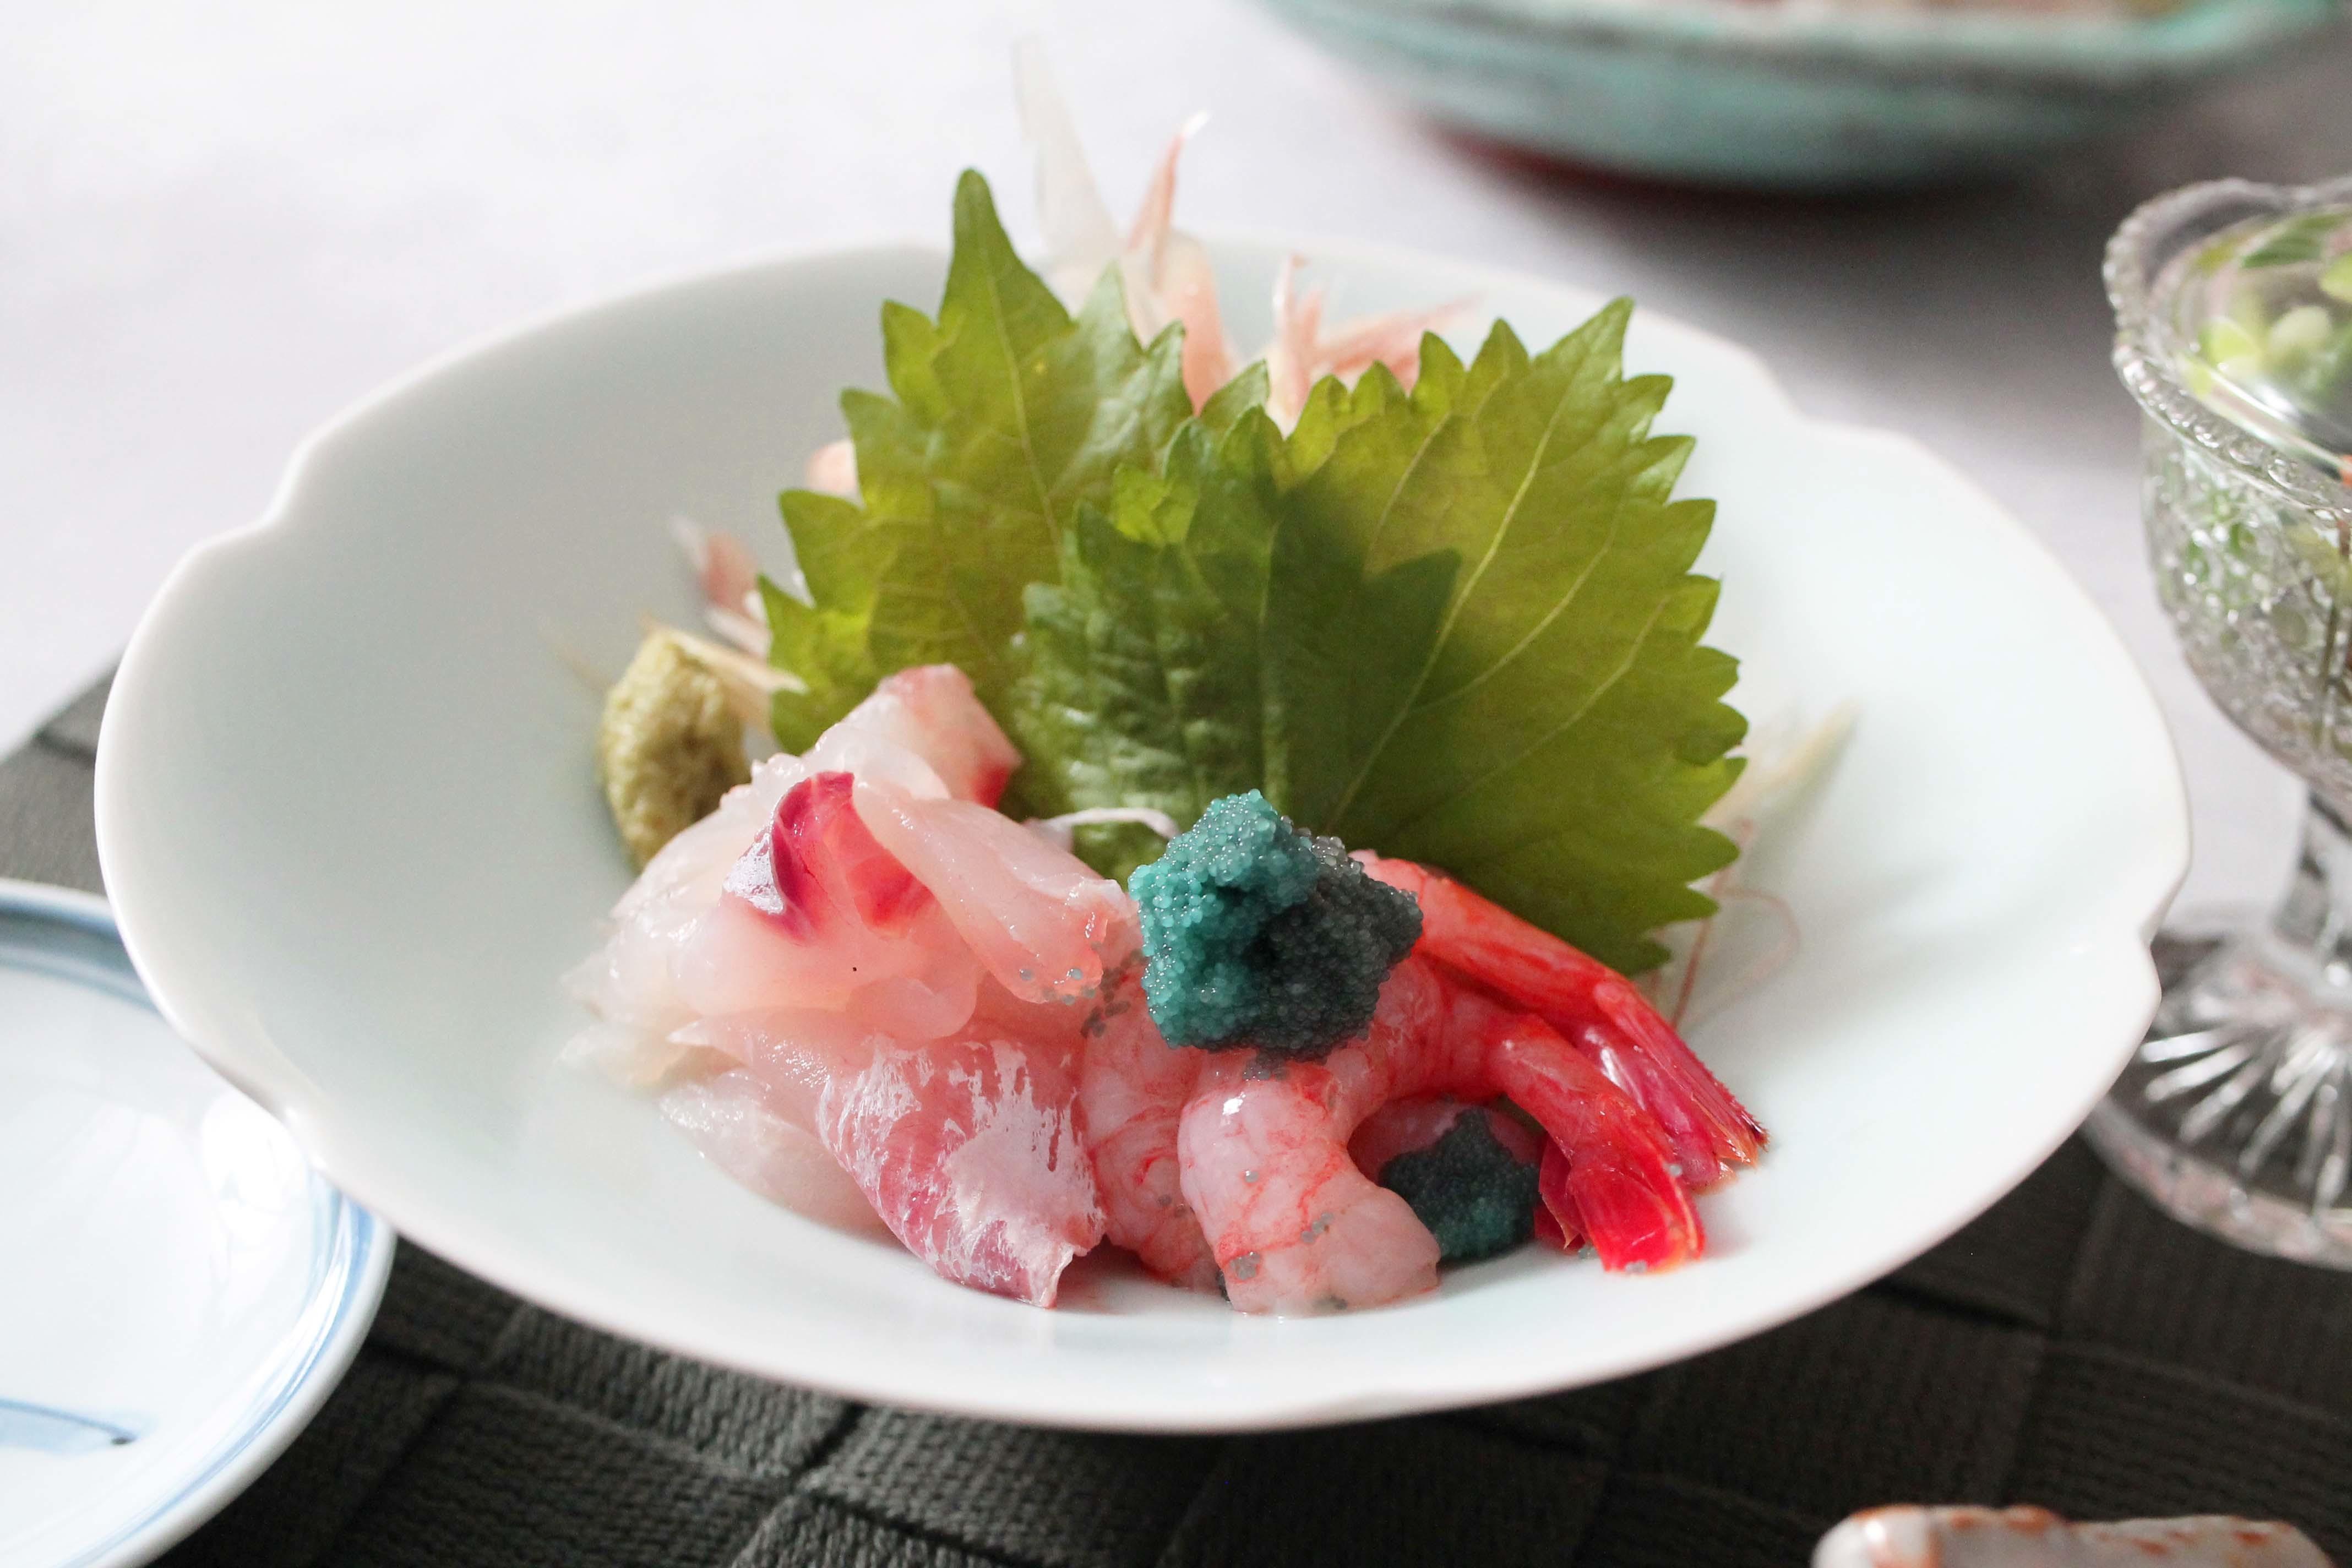 鯖の味噌煮 紅くるり大根おろし添え_d0377645_16174873.jpg